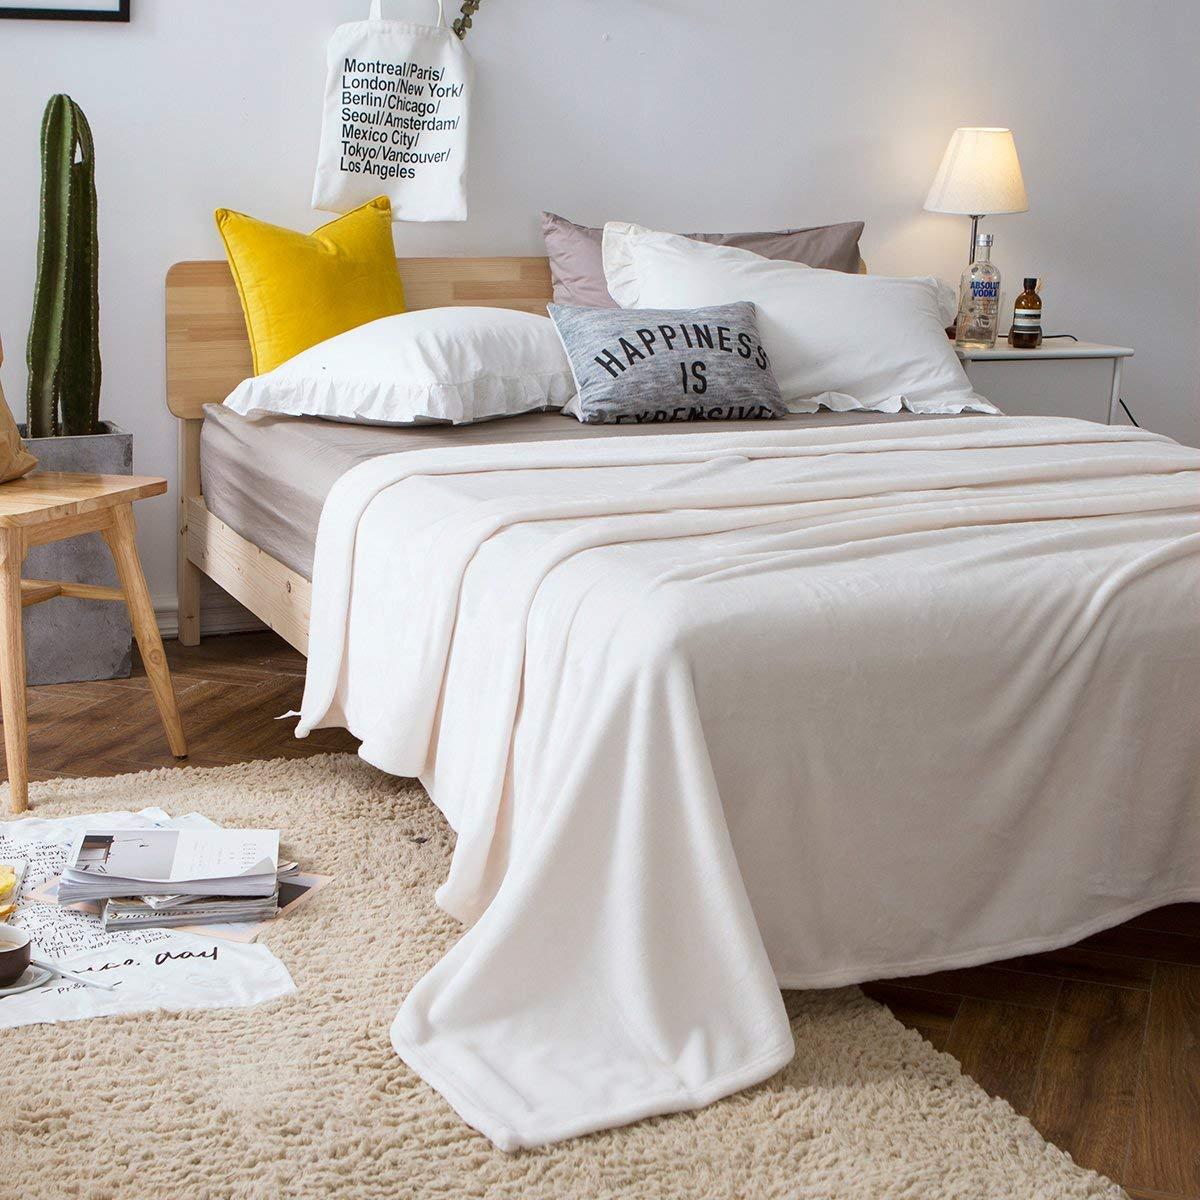 couvertures pour b/éb/és Douce au Toucher Couvre-lits Blanc, 100x140 cm Chaude Ebeta Couverture de flanelle Couverture Plaid Sofa et Lit en Microfibre de Polyester Souple